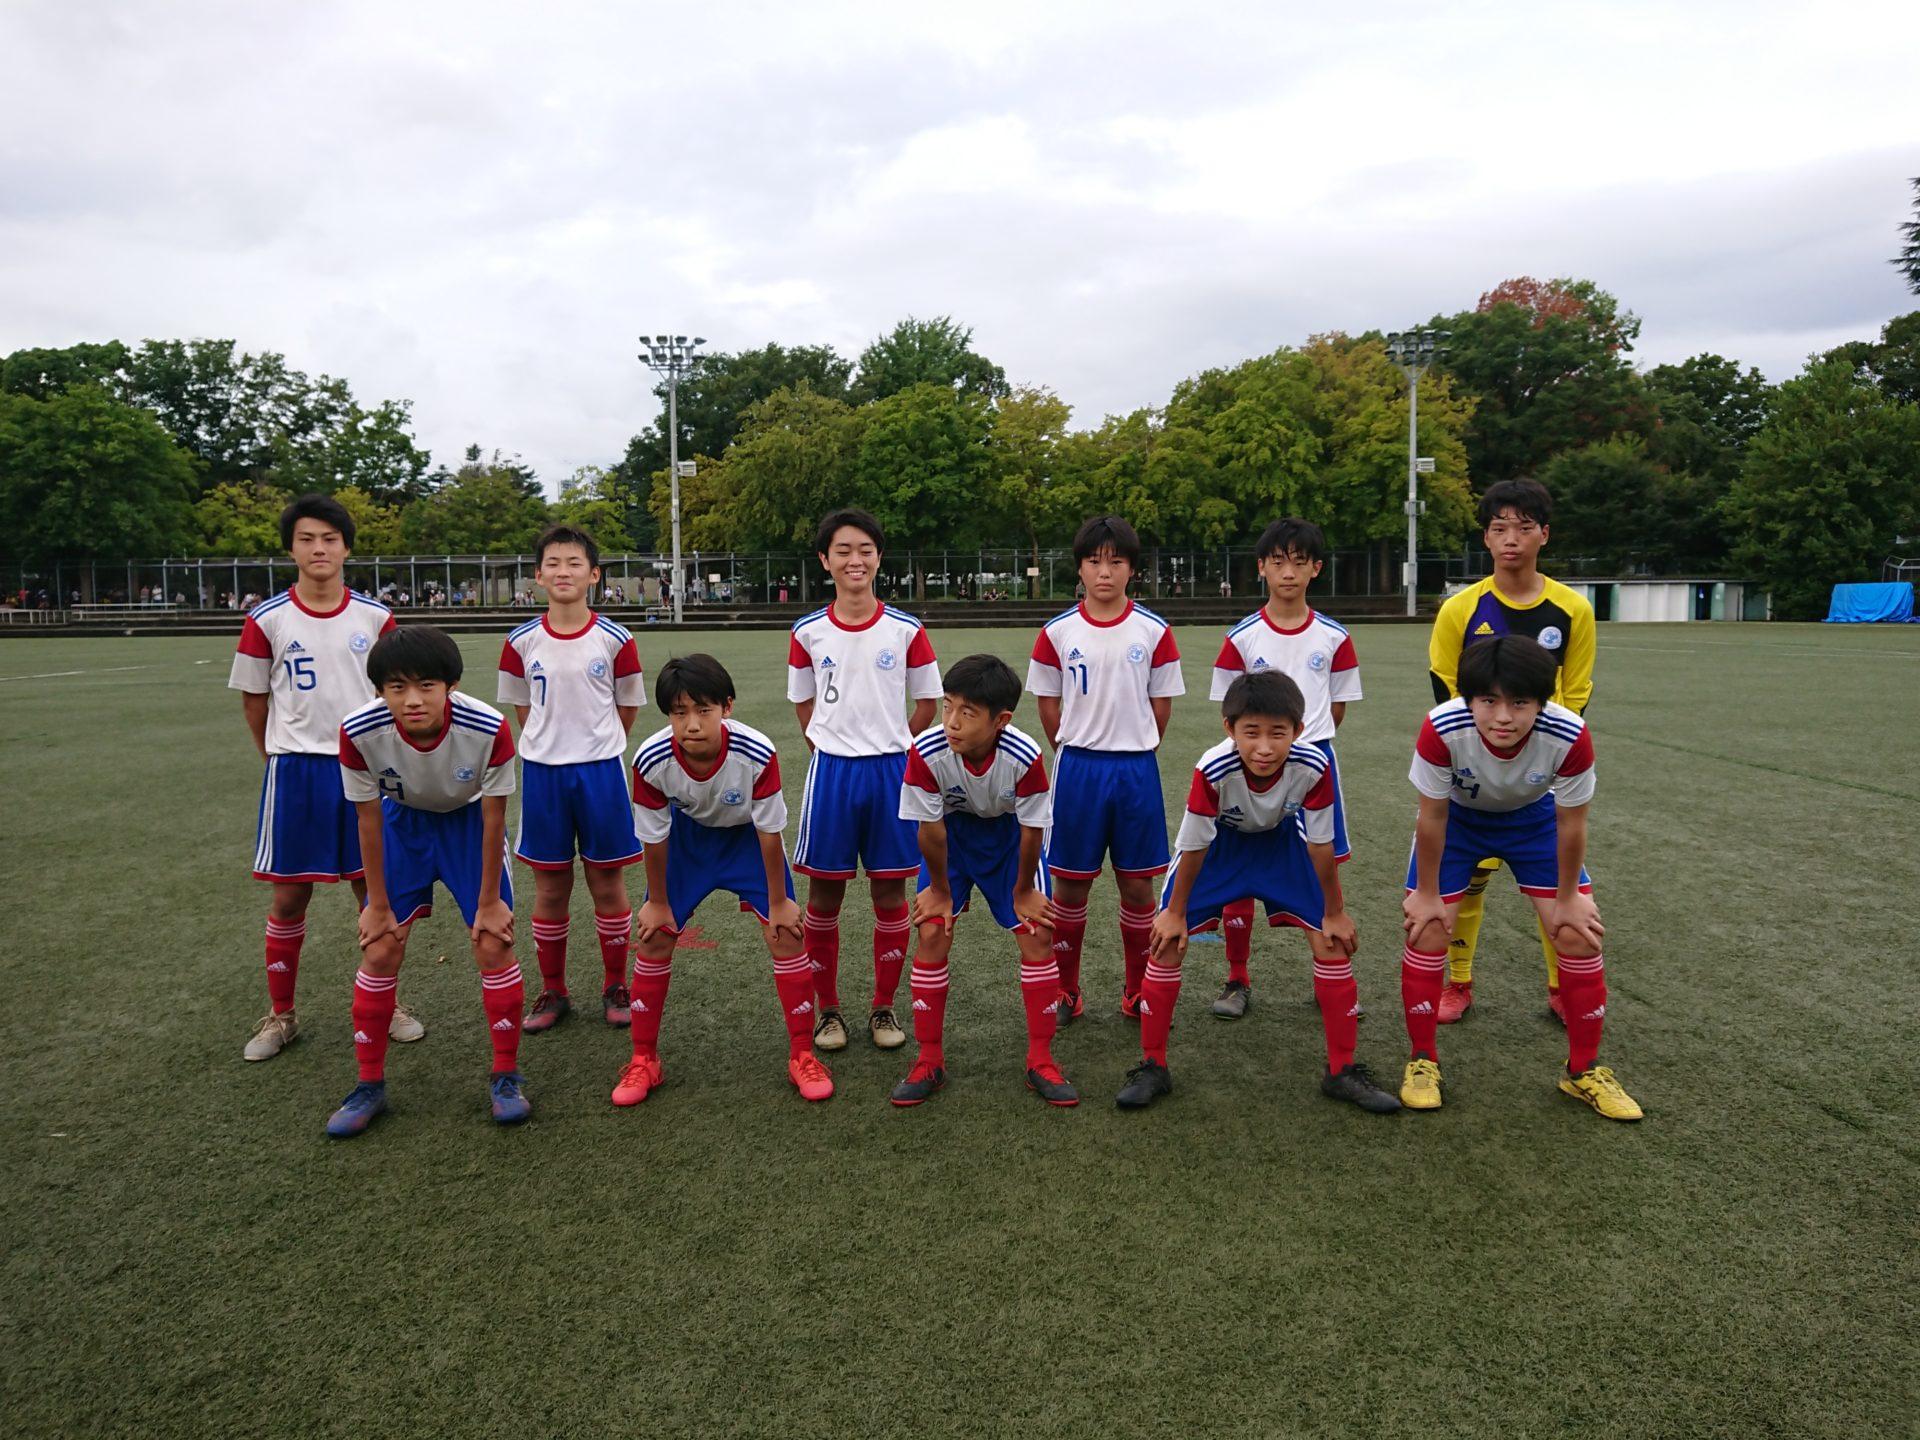 高円宮杯 vs FCトリプレッタ